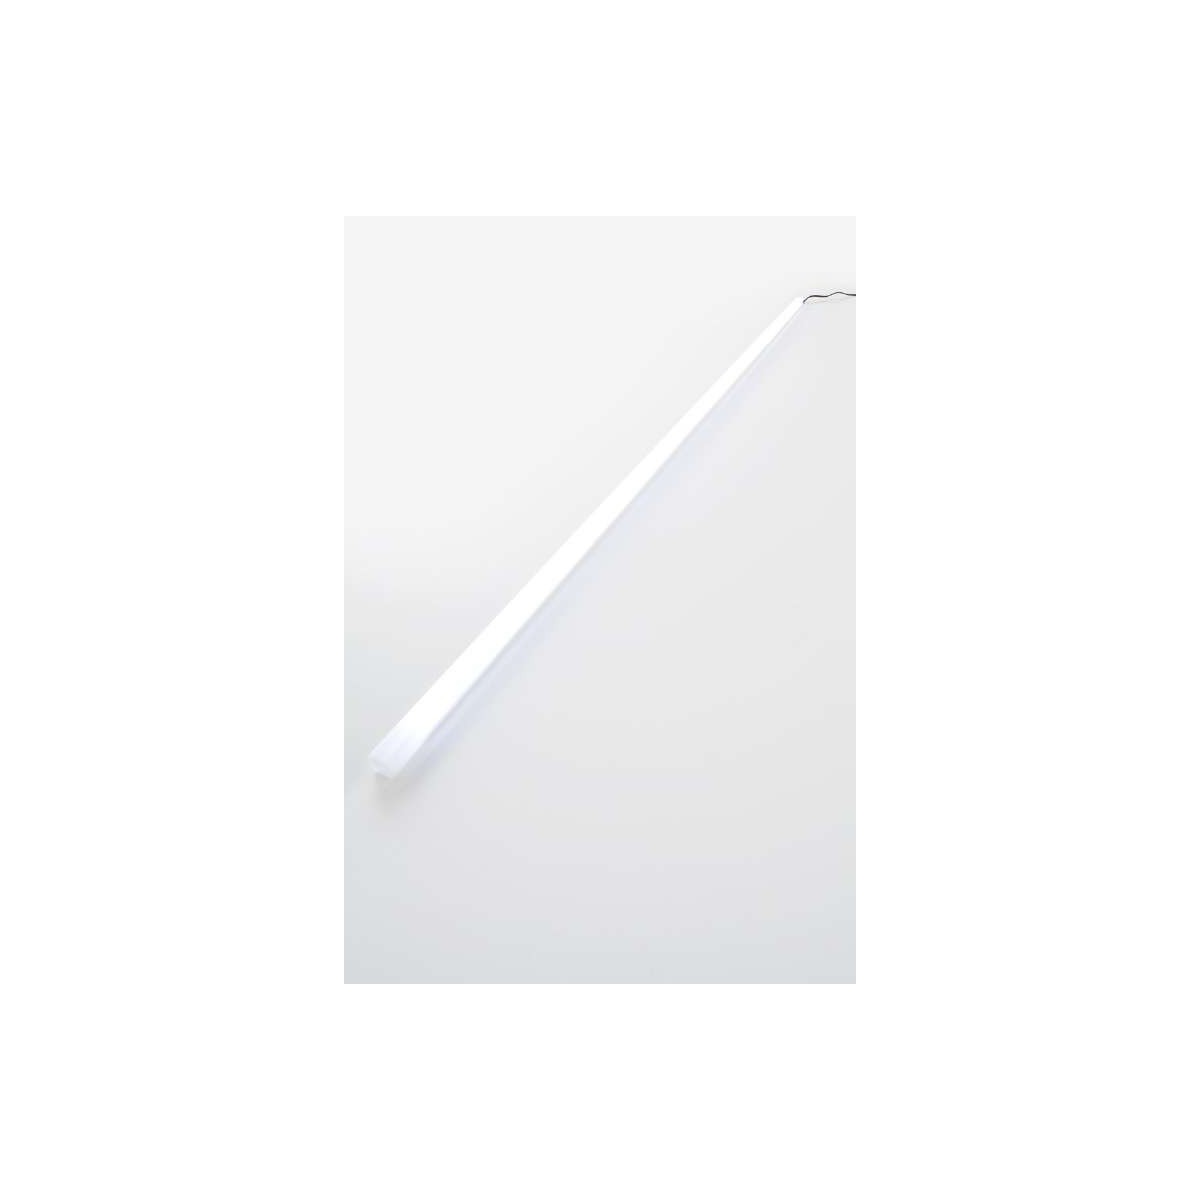 Vicenza Oświetlenie LED białe 80 cm (do obu szafek RTV i komody) ZB48058W